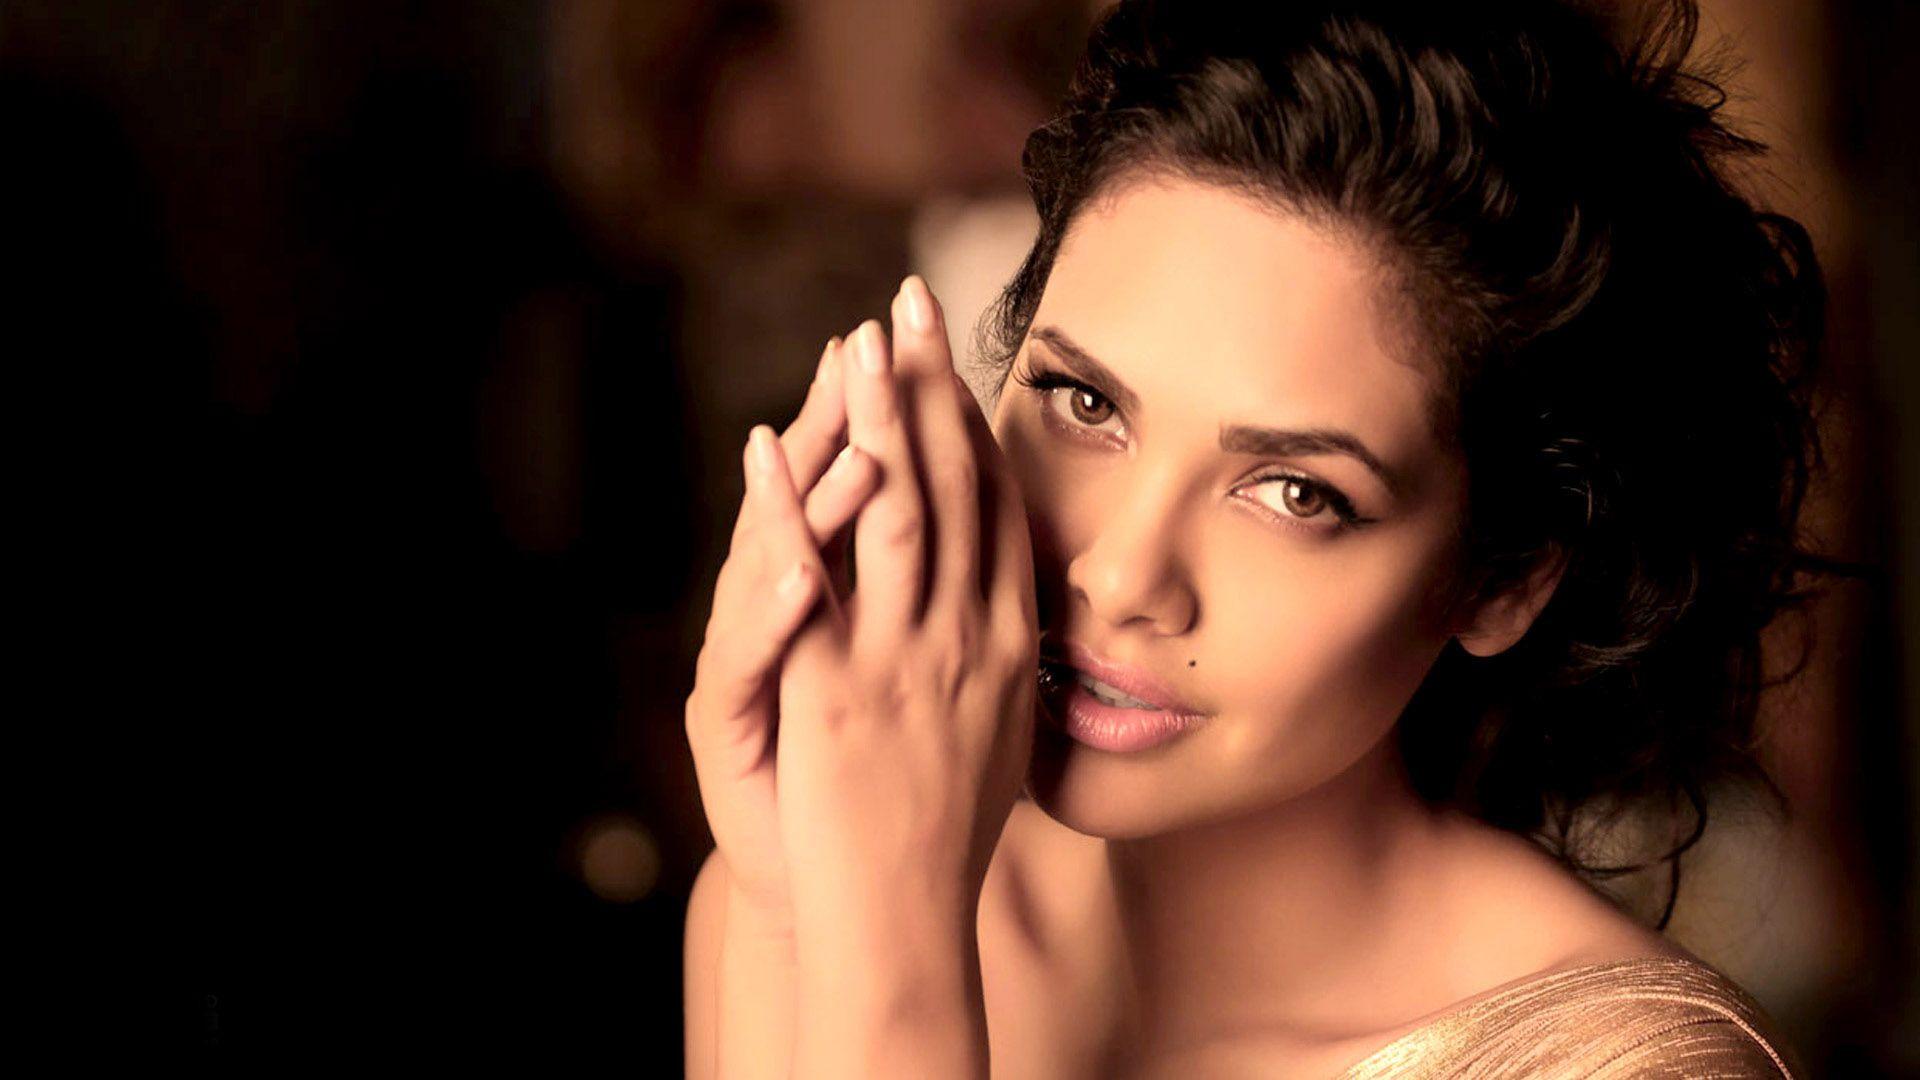 Actress Esha Gupta 2015 Wallpaper Wide or HD Celebrities Wallpapers 1920x1080